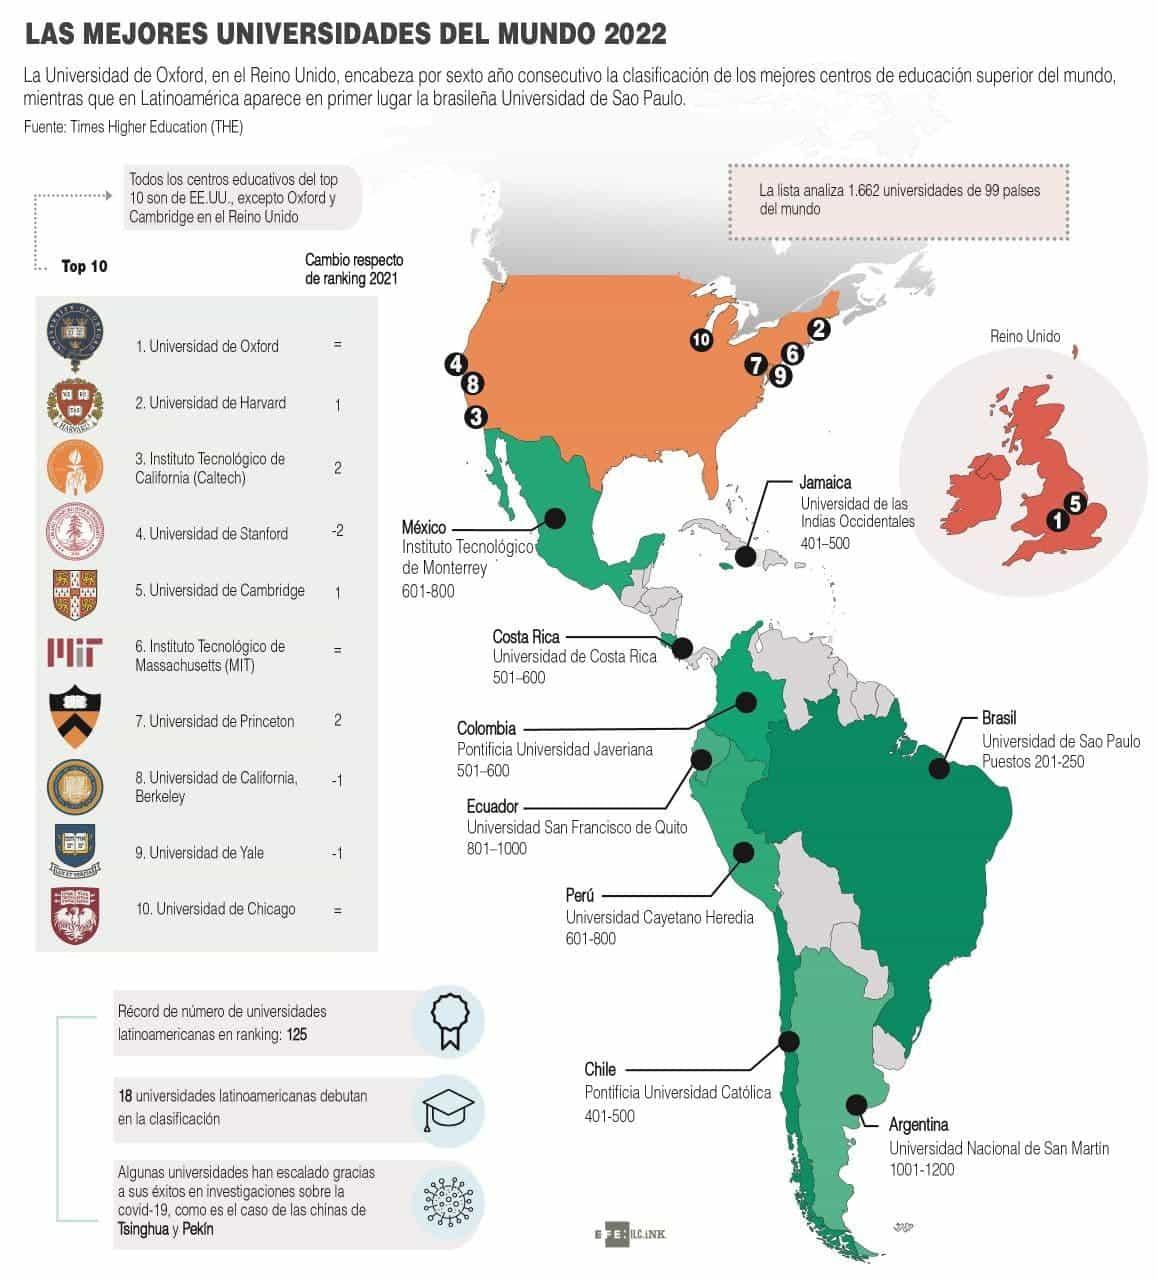 [Infografía] Las mejores universidades del mundo 2022 1